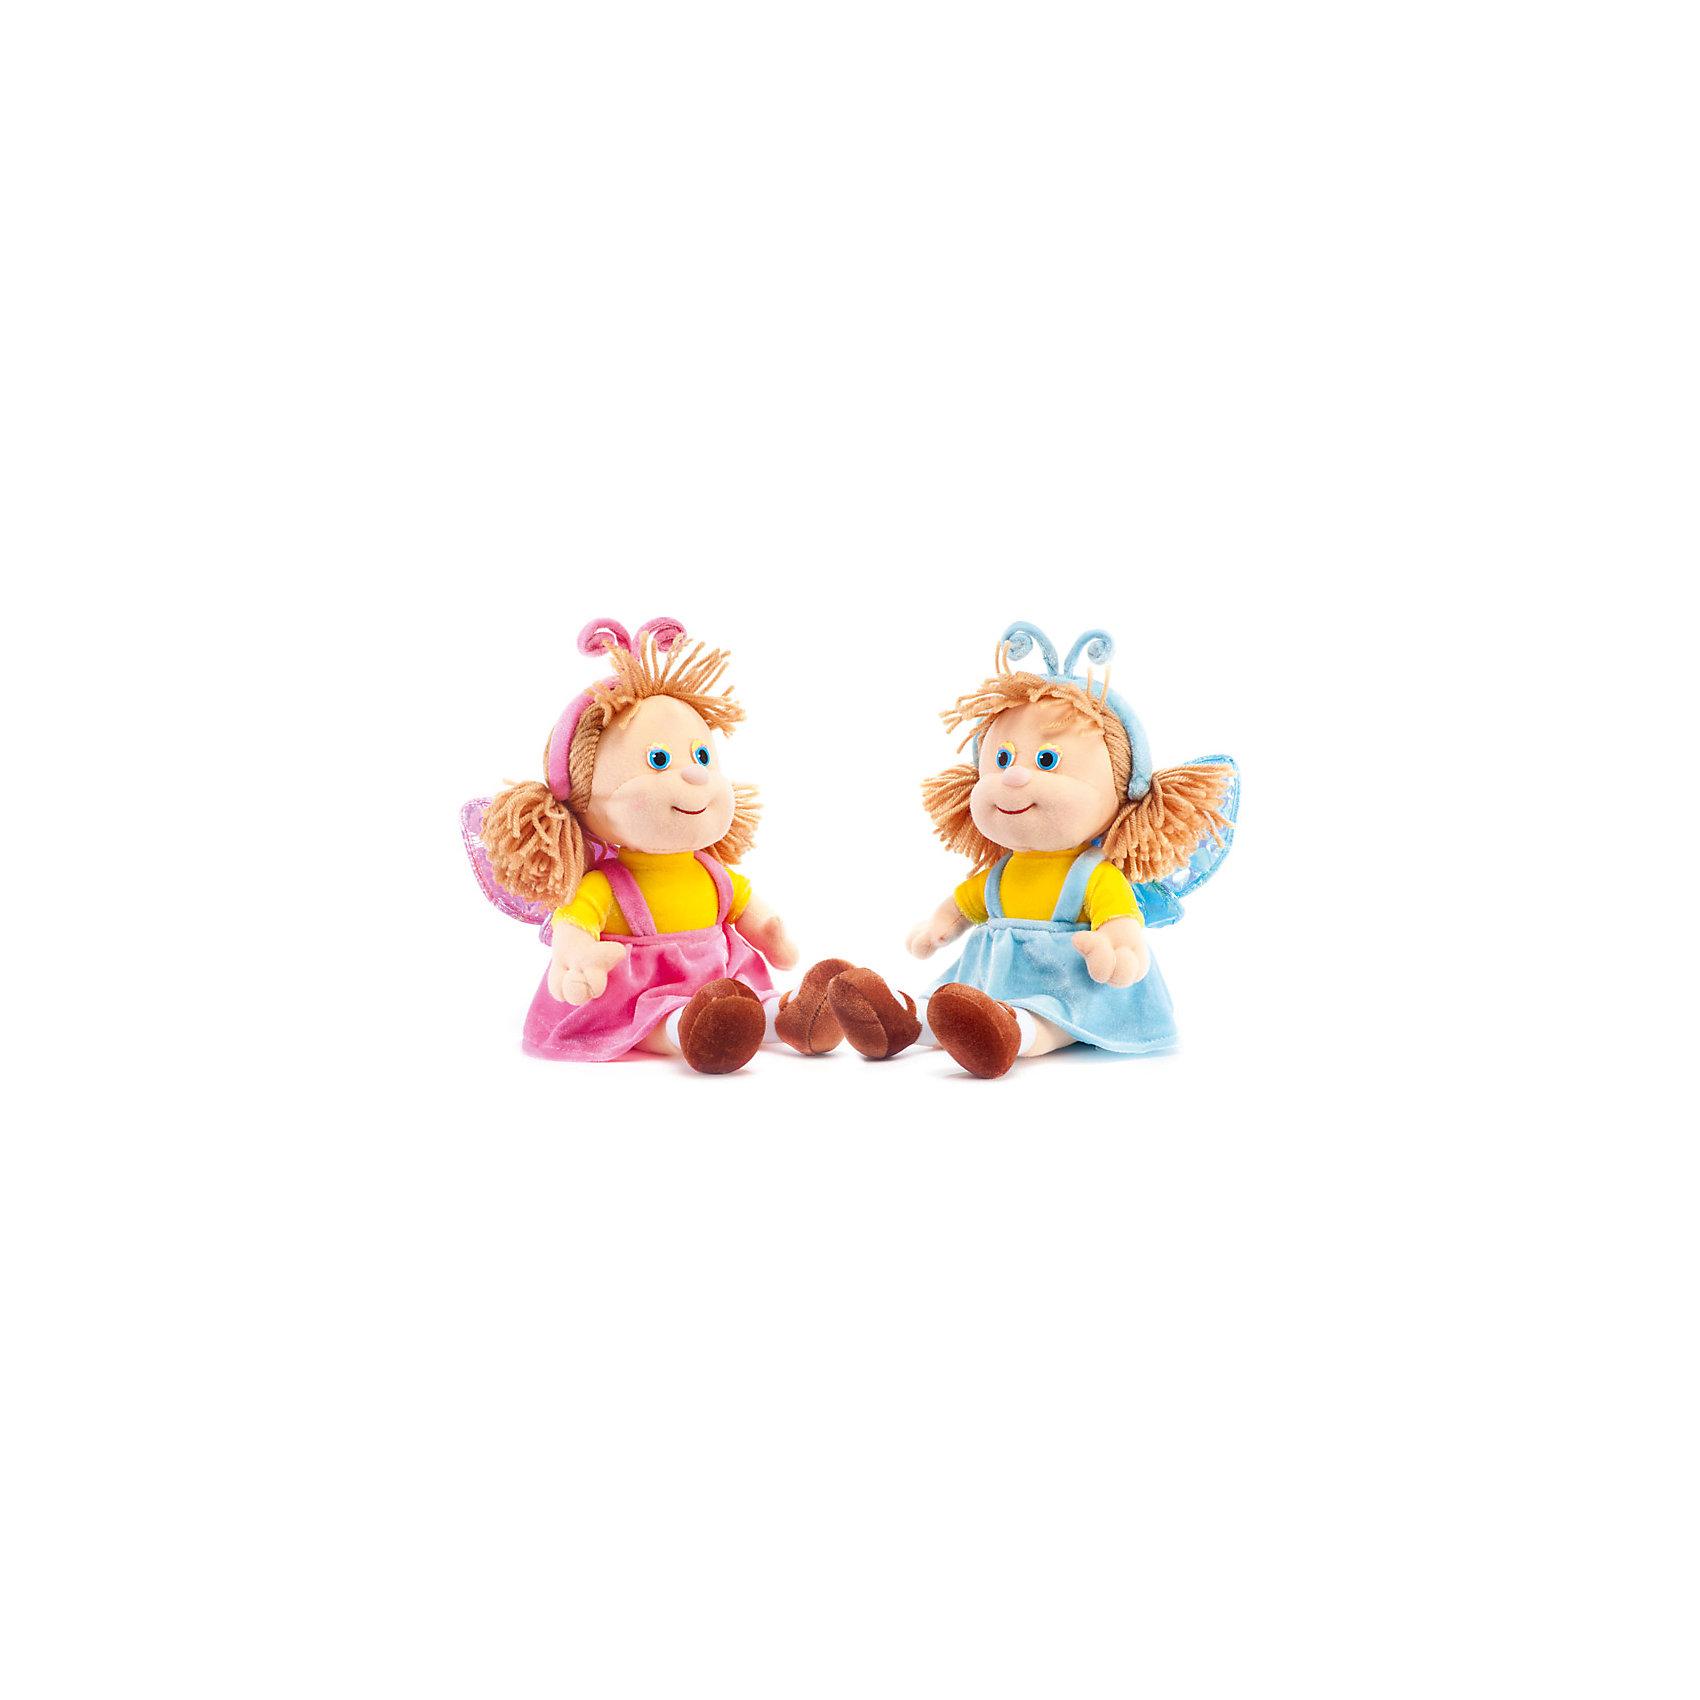 Кукла-бабочка в розовом, музыкальная, LAVAМягкие куклы<br>Эта милая кукла обязательно понравится девочкам! Она одета в костюм бабочки, умеет петь песенку и обязательно позабавит малышку. Волосы куклы изготовлены из ниток, они не запутаются, не требуют постоянного расчесывания, поэтому их удобно заплетать даже самым маленьким девочкам. Игрушка выполнена из высококачественного гипоаллергенного материала, очень приятна на ощупь, абсолютно безопасна для детей.  <br><br>Дополнительная информация:<br><br>- Материал: текстиль, синтепон, пластик.<br>- Высота: 27 см. <br>- Поет песенку. <br>- Элемент питания: батарейка (в комплекте).<br><br>Куклу-бабочку, музыкальную, LAVA (ЛАВА) можно купить в нашем магазине.<br><br>Ширина мм: 150<br>Глубина мм: 150<br>Высота мм: 210<br>Вес г: 290<br>Возраст от месяцев: 36<br>Возраст до месяцев: 1188<br>Пол: Женский<br>Возраст: Детский<br>SKU: 4874284